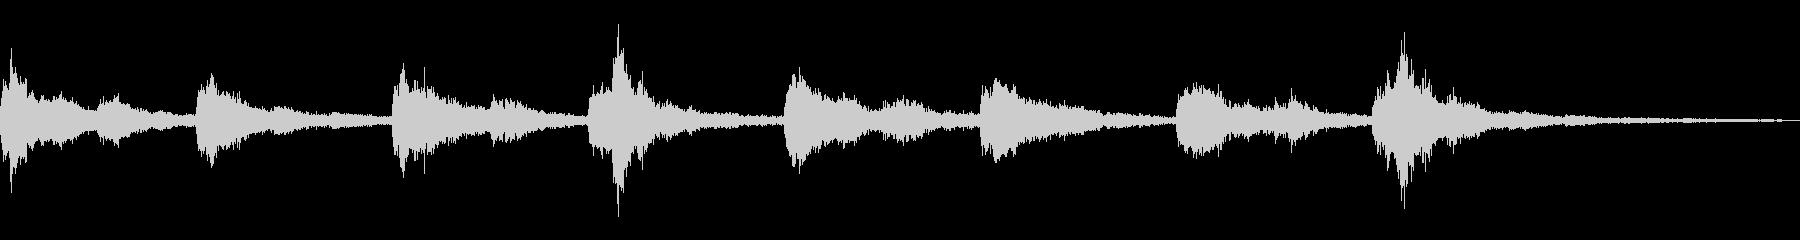 恐怖感を煽る音楽の未再生の波形